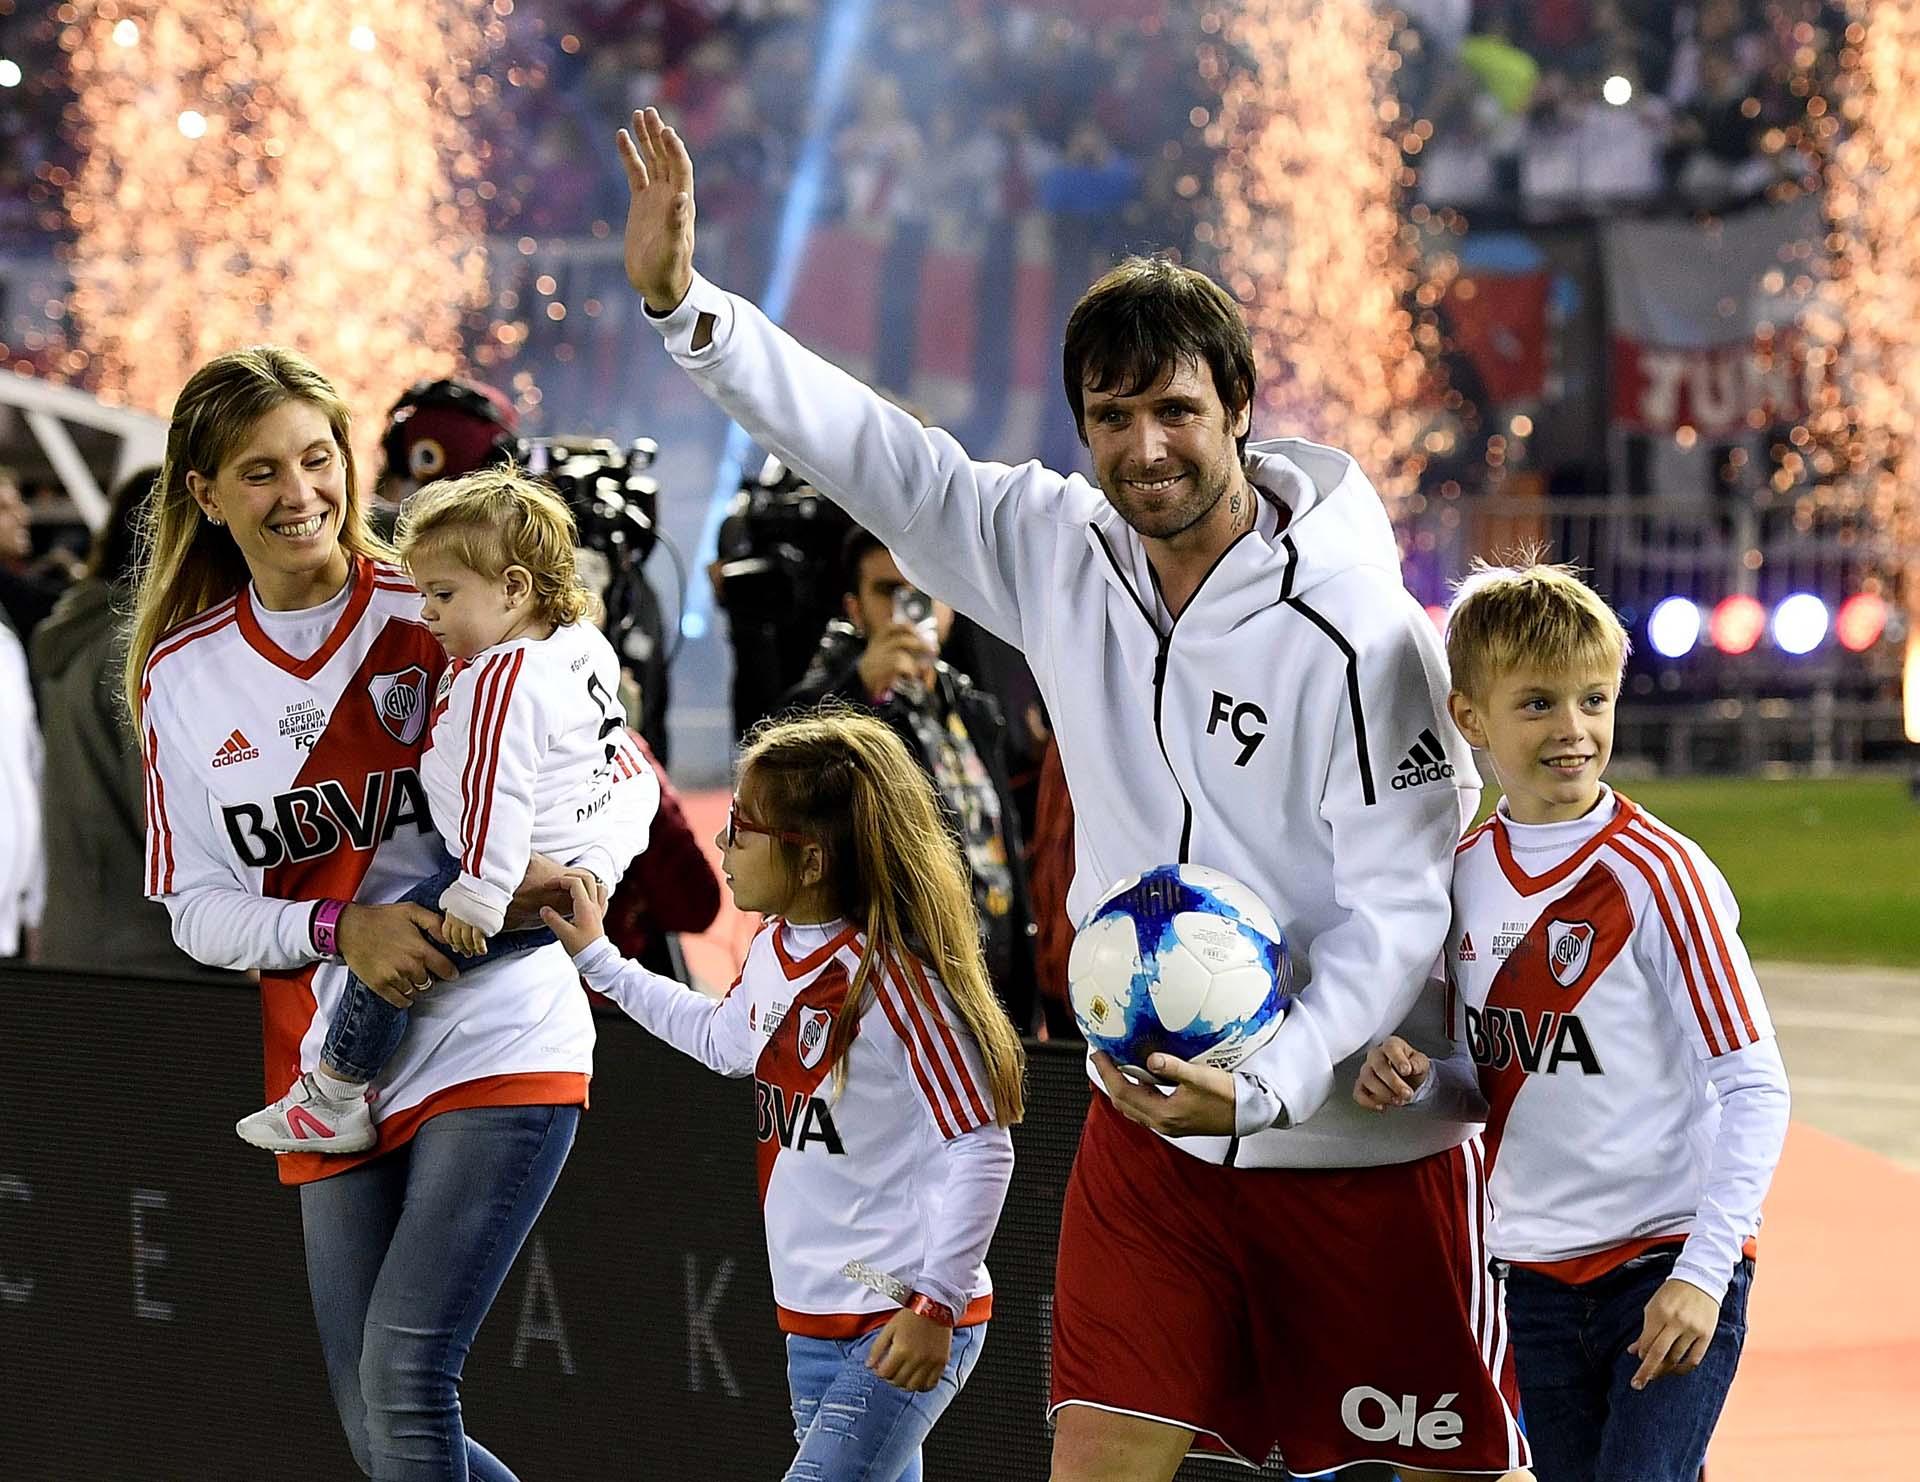 El ex futbolista salió al campo de juego junto a su esposa y sus tres hijos